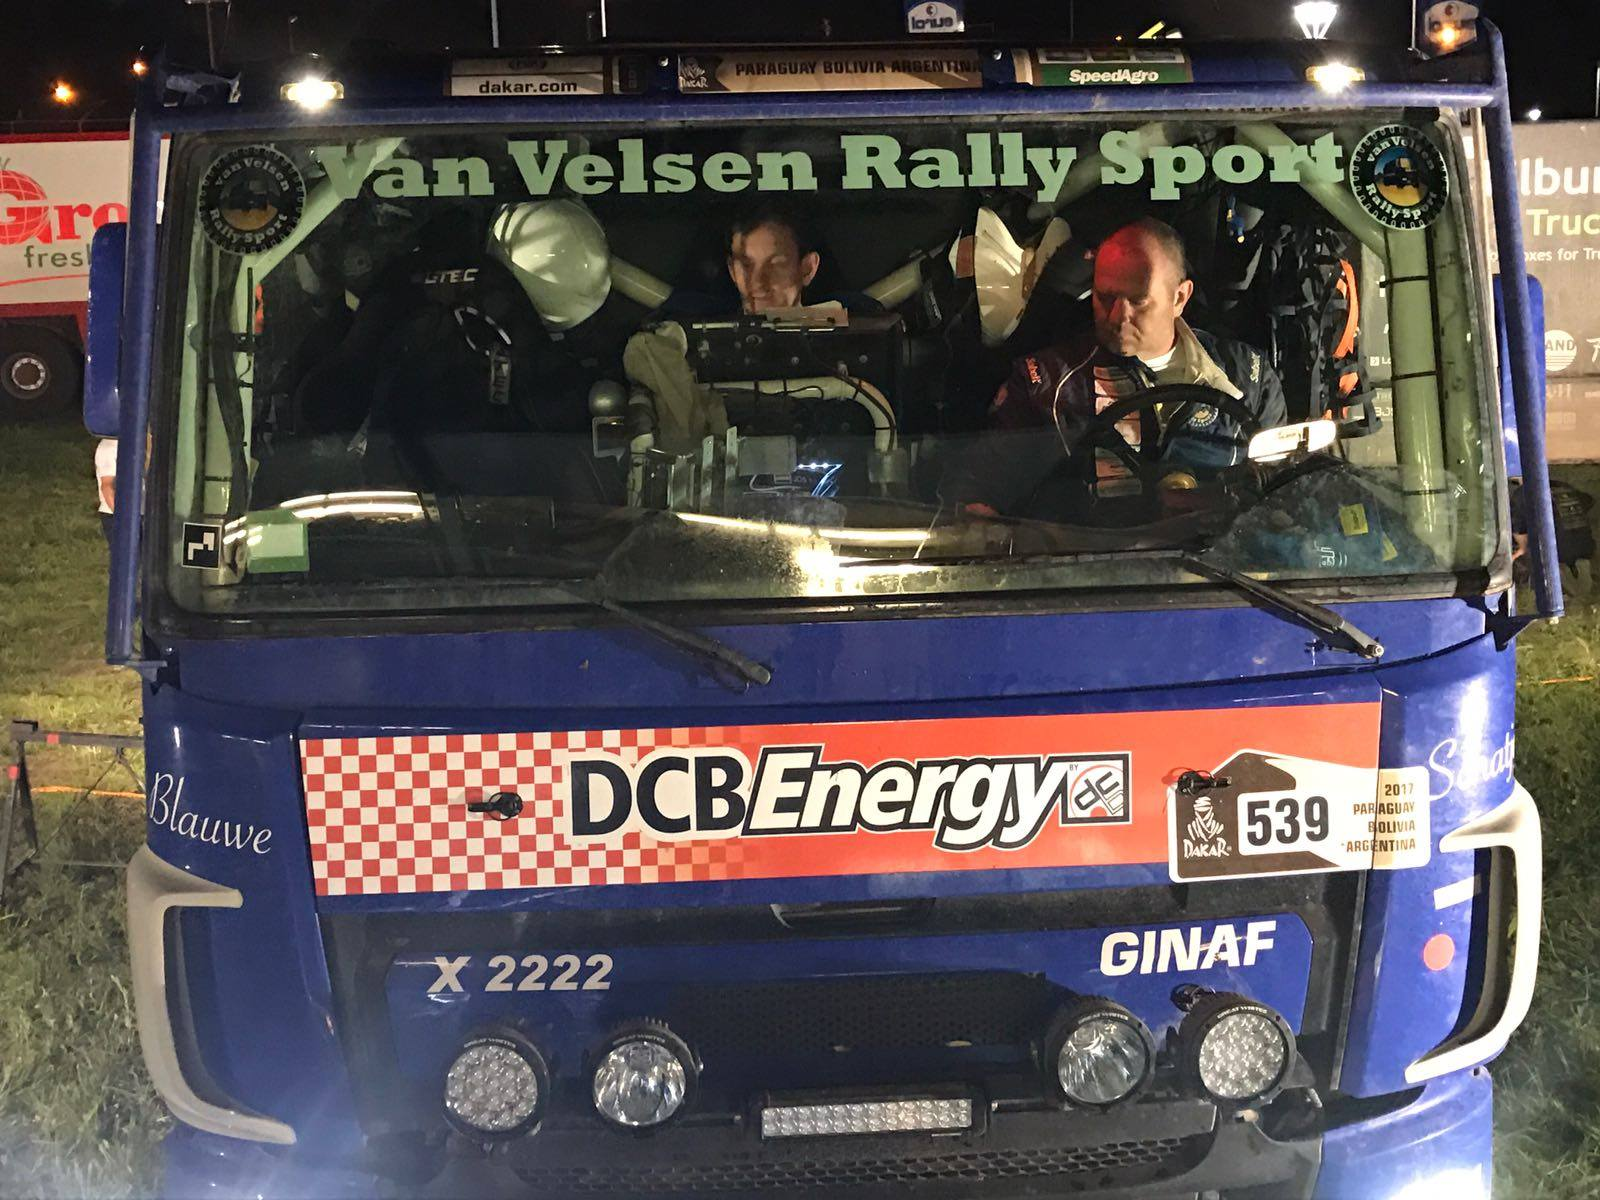 Van Velsen rallysport: etappe 4. De uitdaging aangegaan!